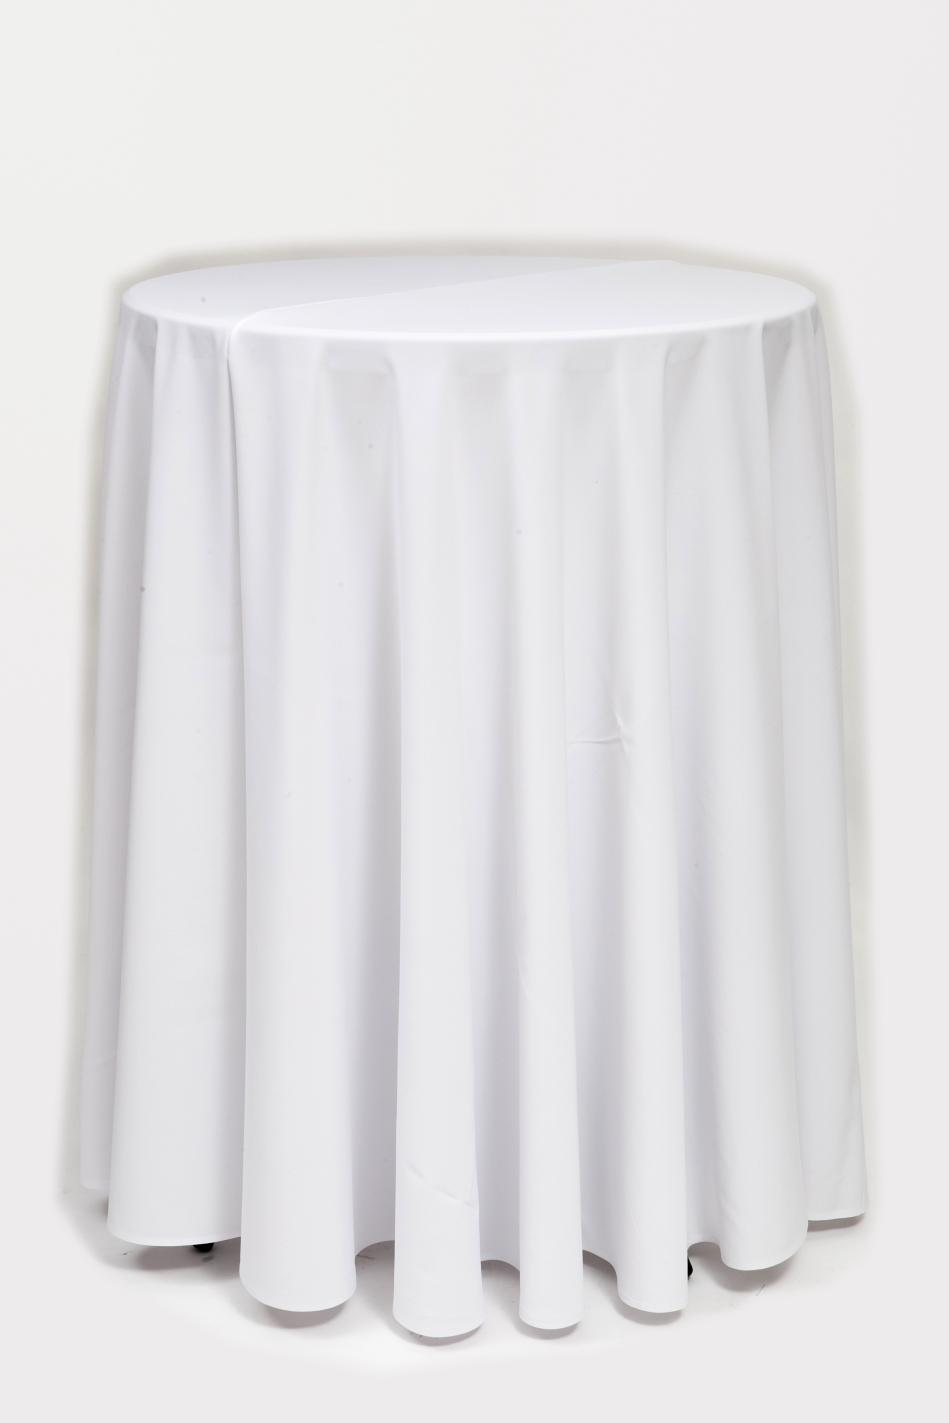 Bistro stalas su staltiese